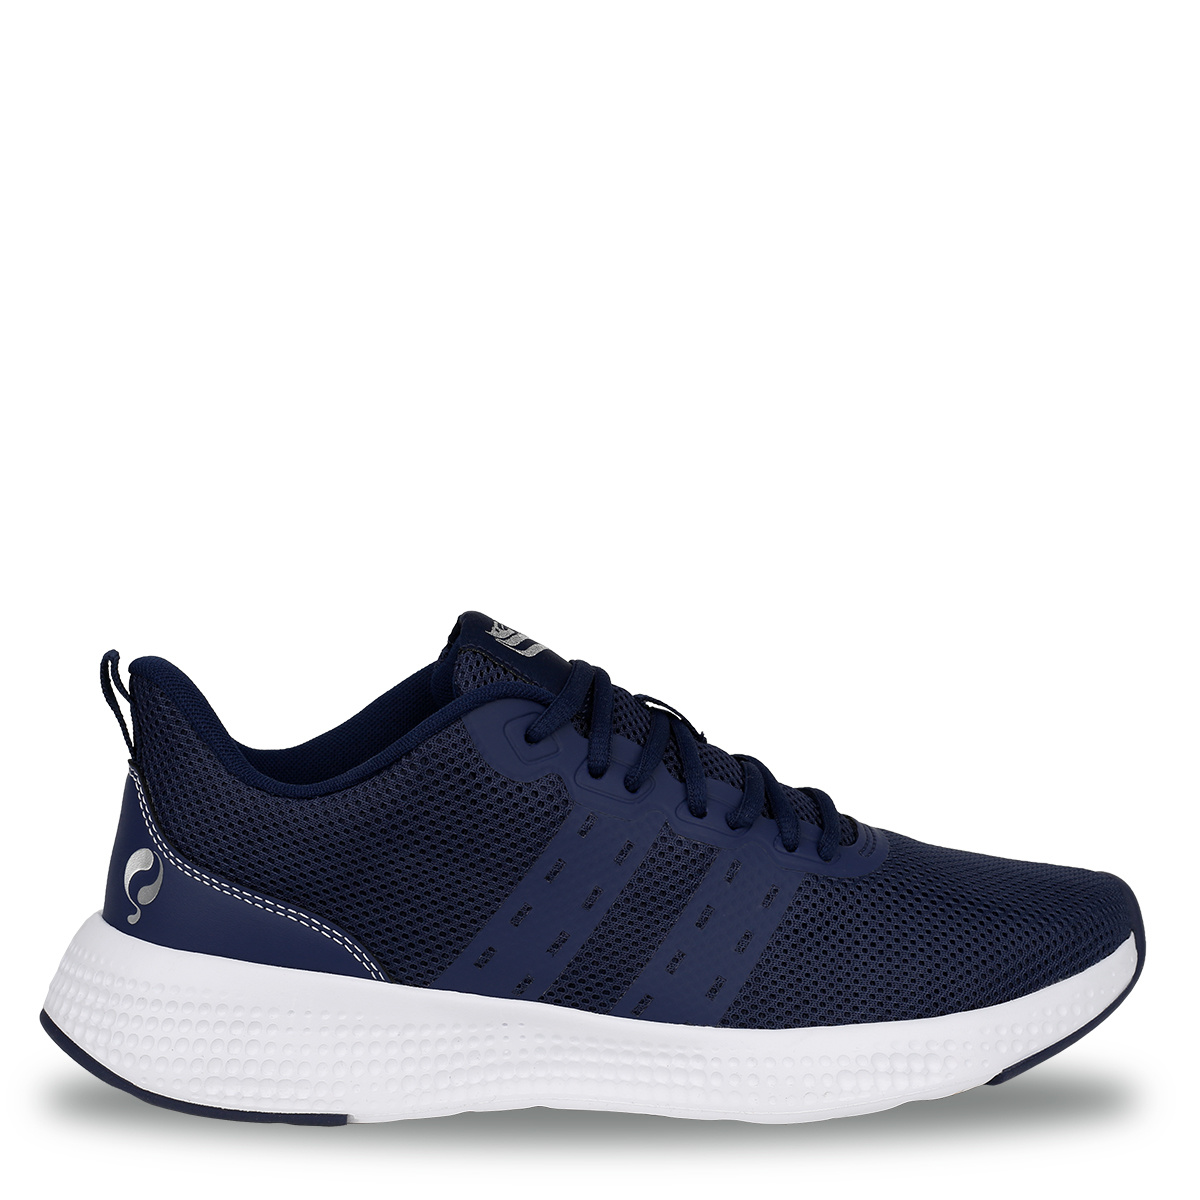 Heren Sneaker Oostduin - Donkerblauw/Wit